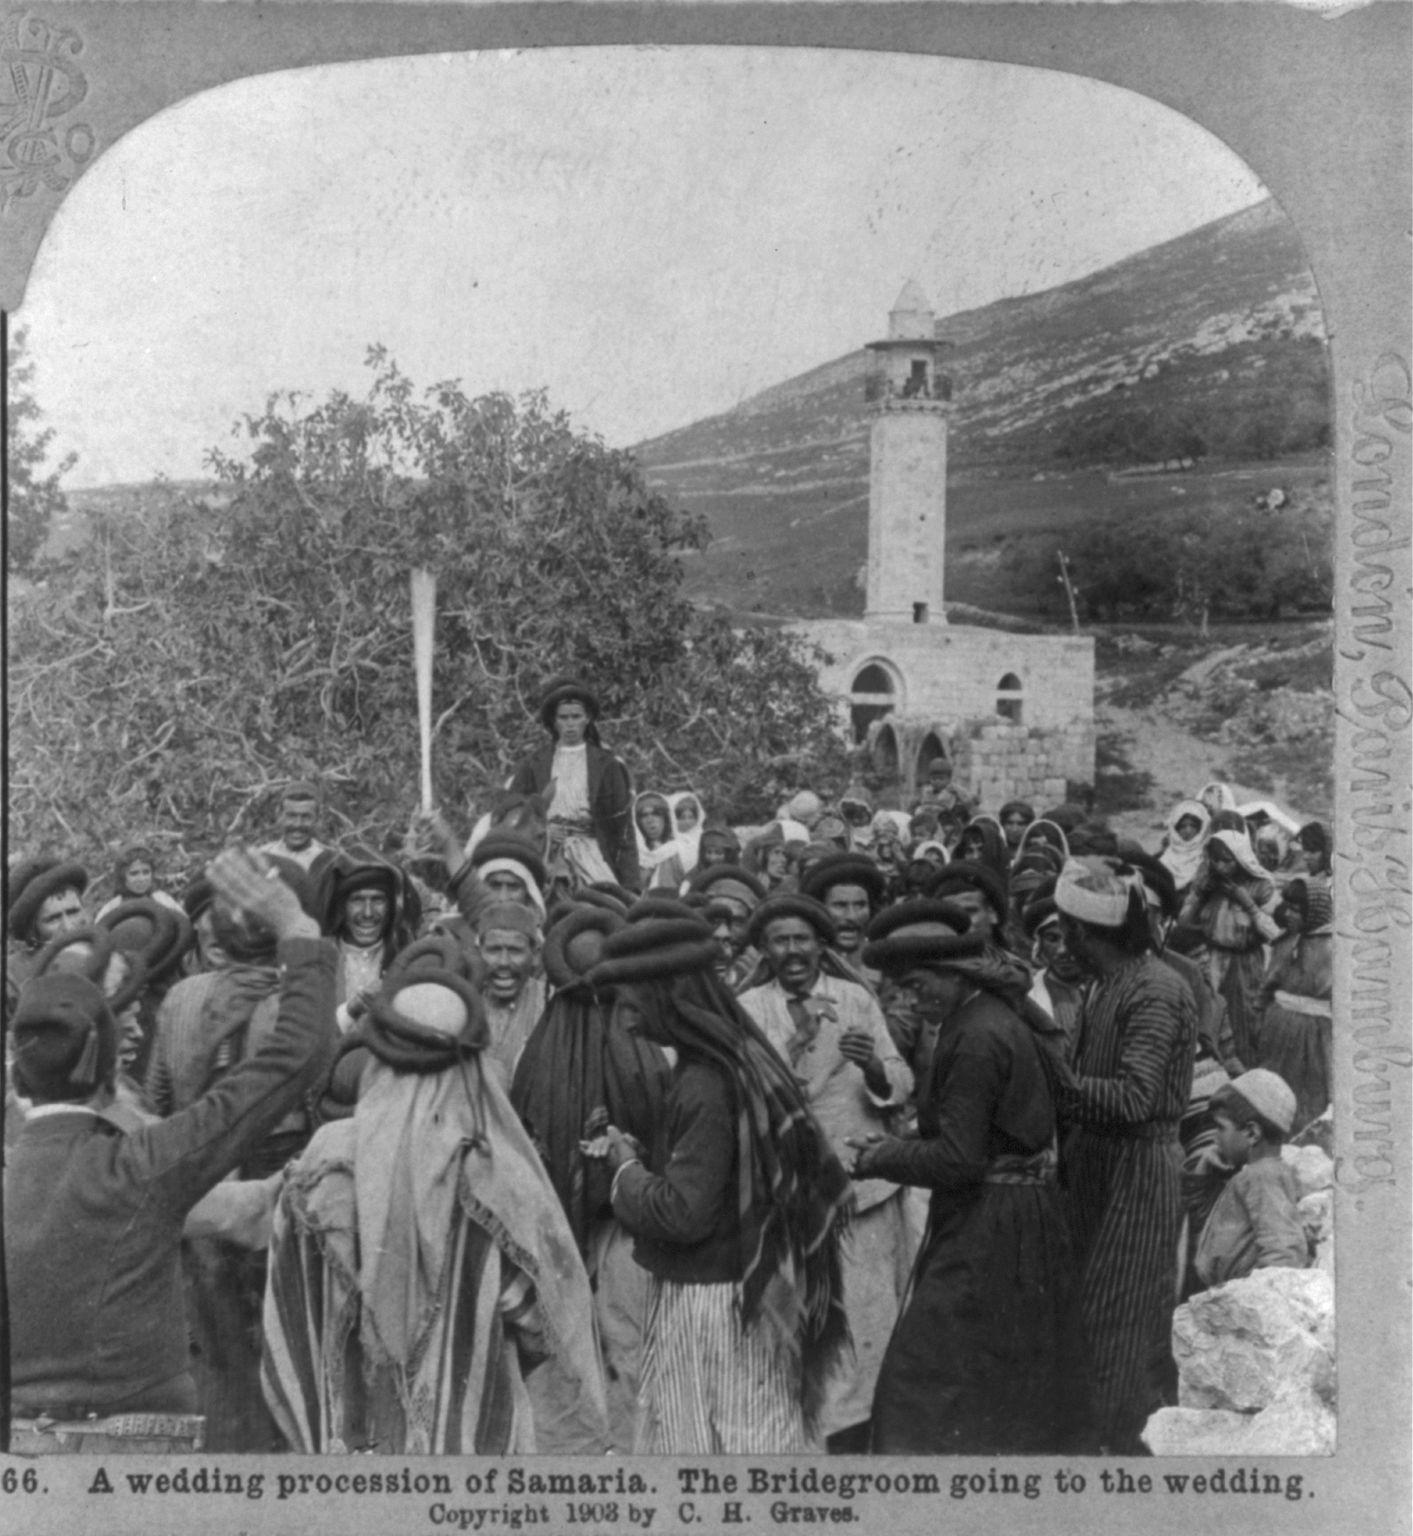 66. Свадебная процессия в Самарии. Жених собирается на свадьбу